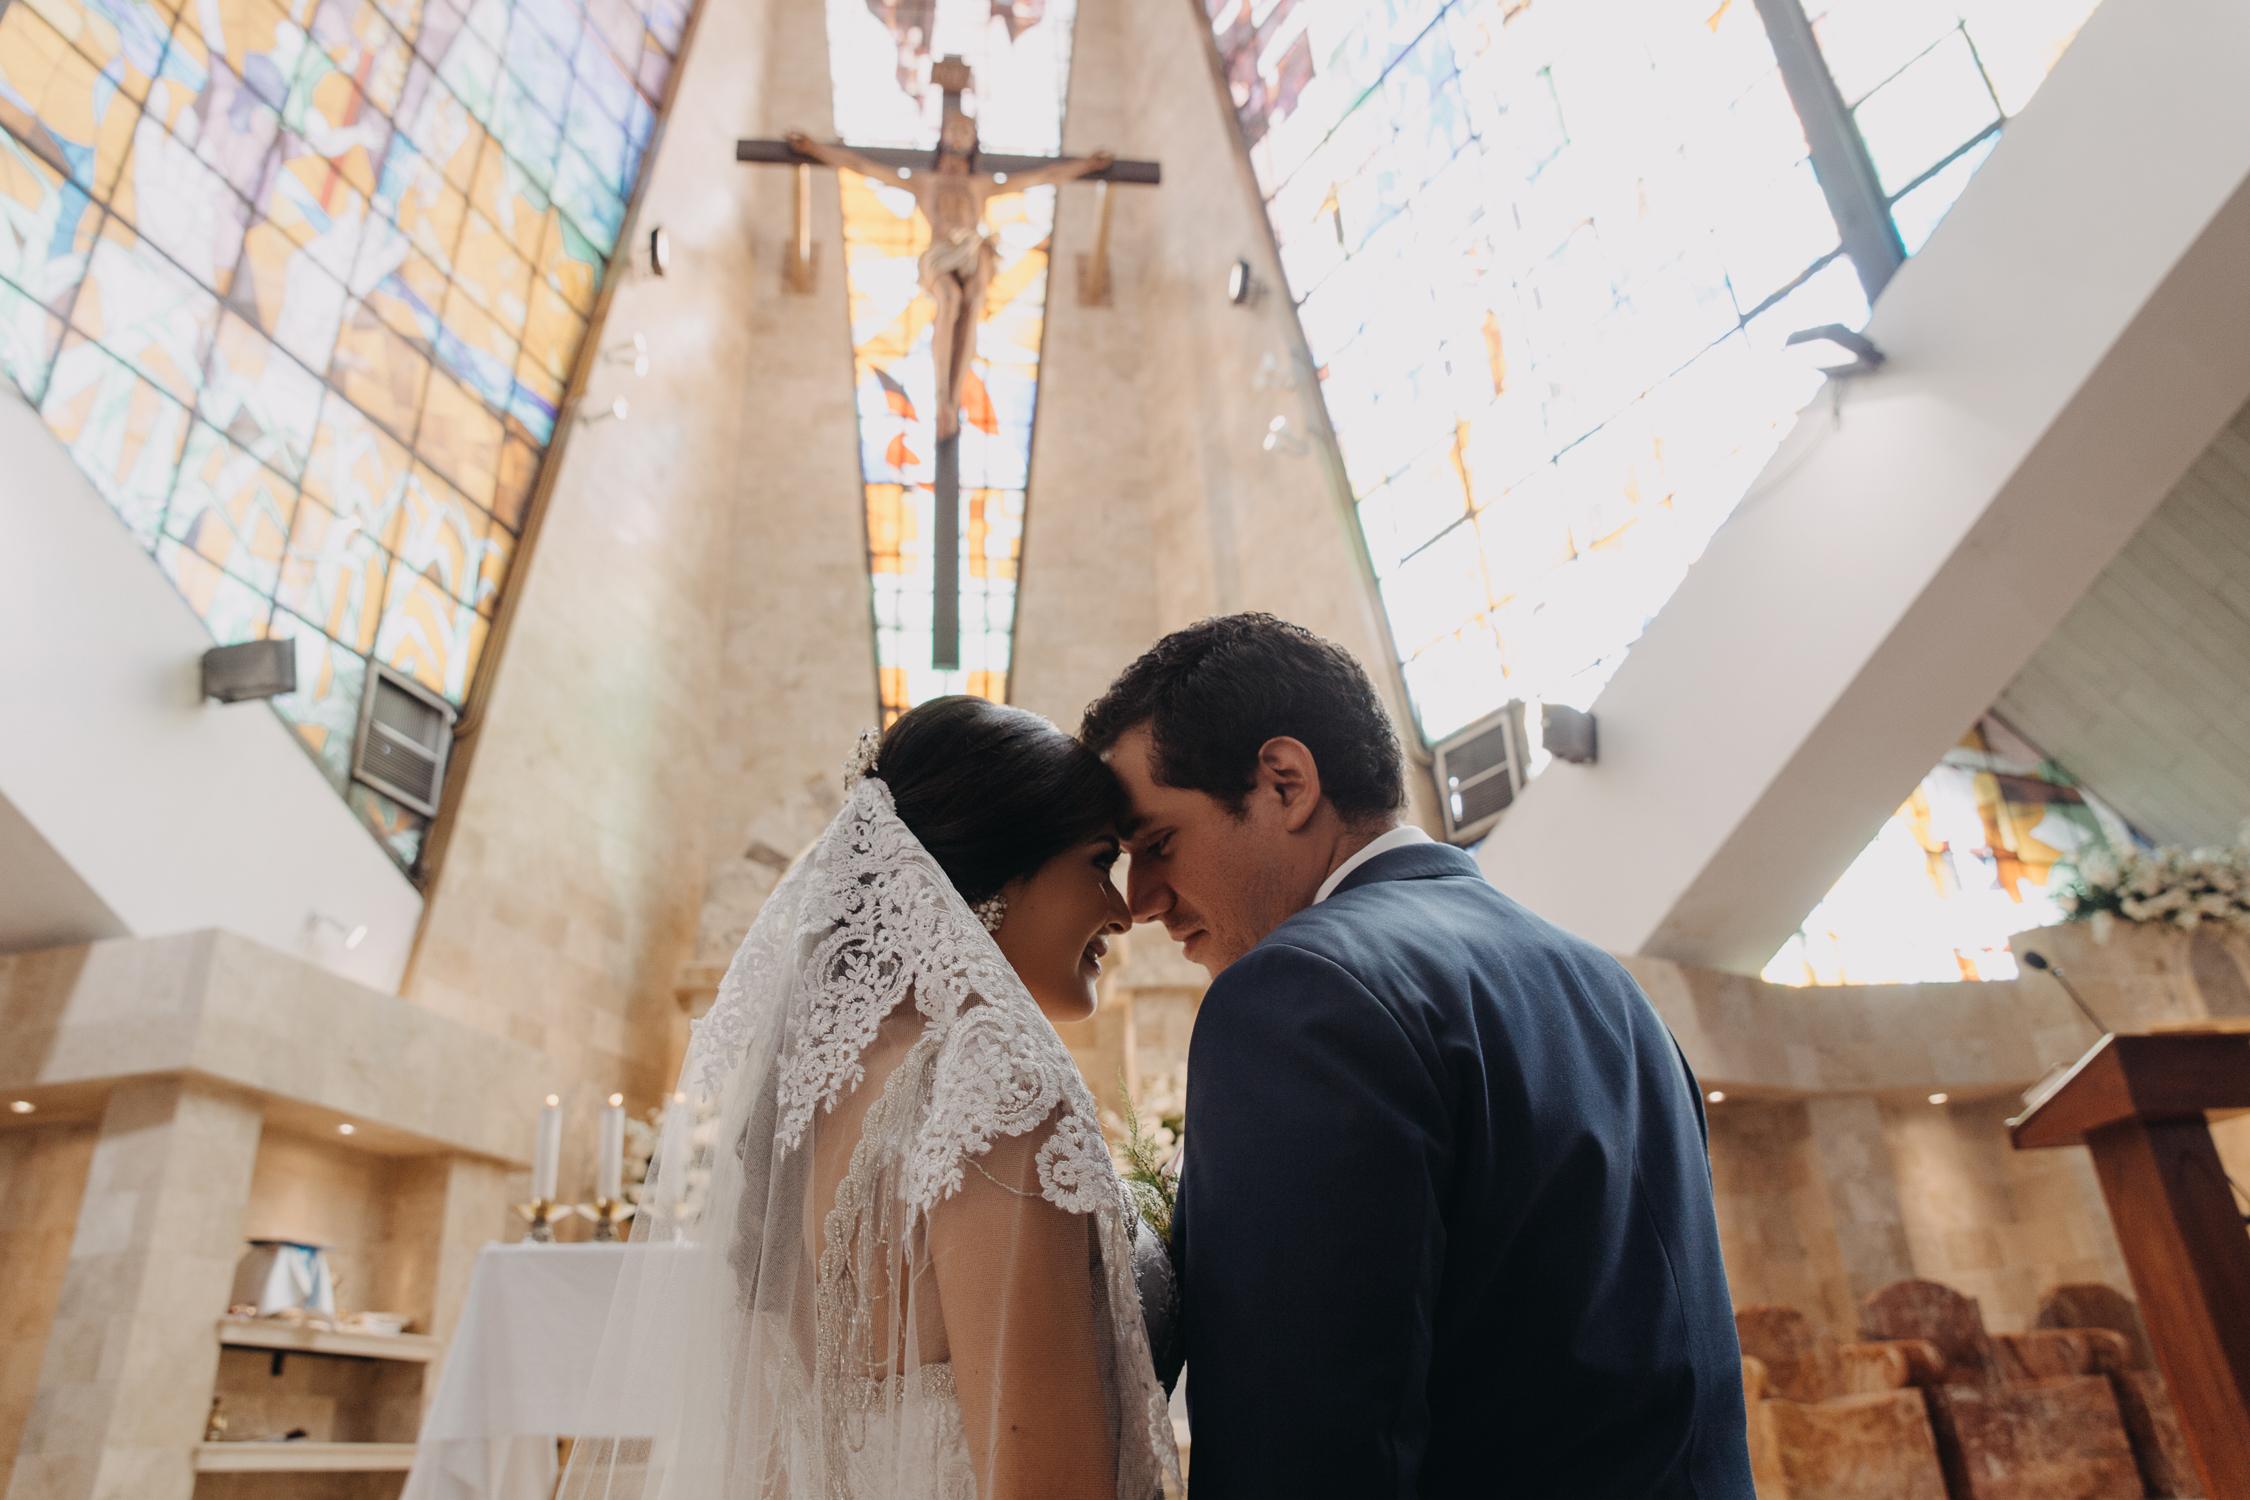 Michelle-Agurto-Fotografia-Bodas-Ecuador-Destination-Wedding-Photographer-Cristi-Luis-57.JPG